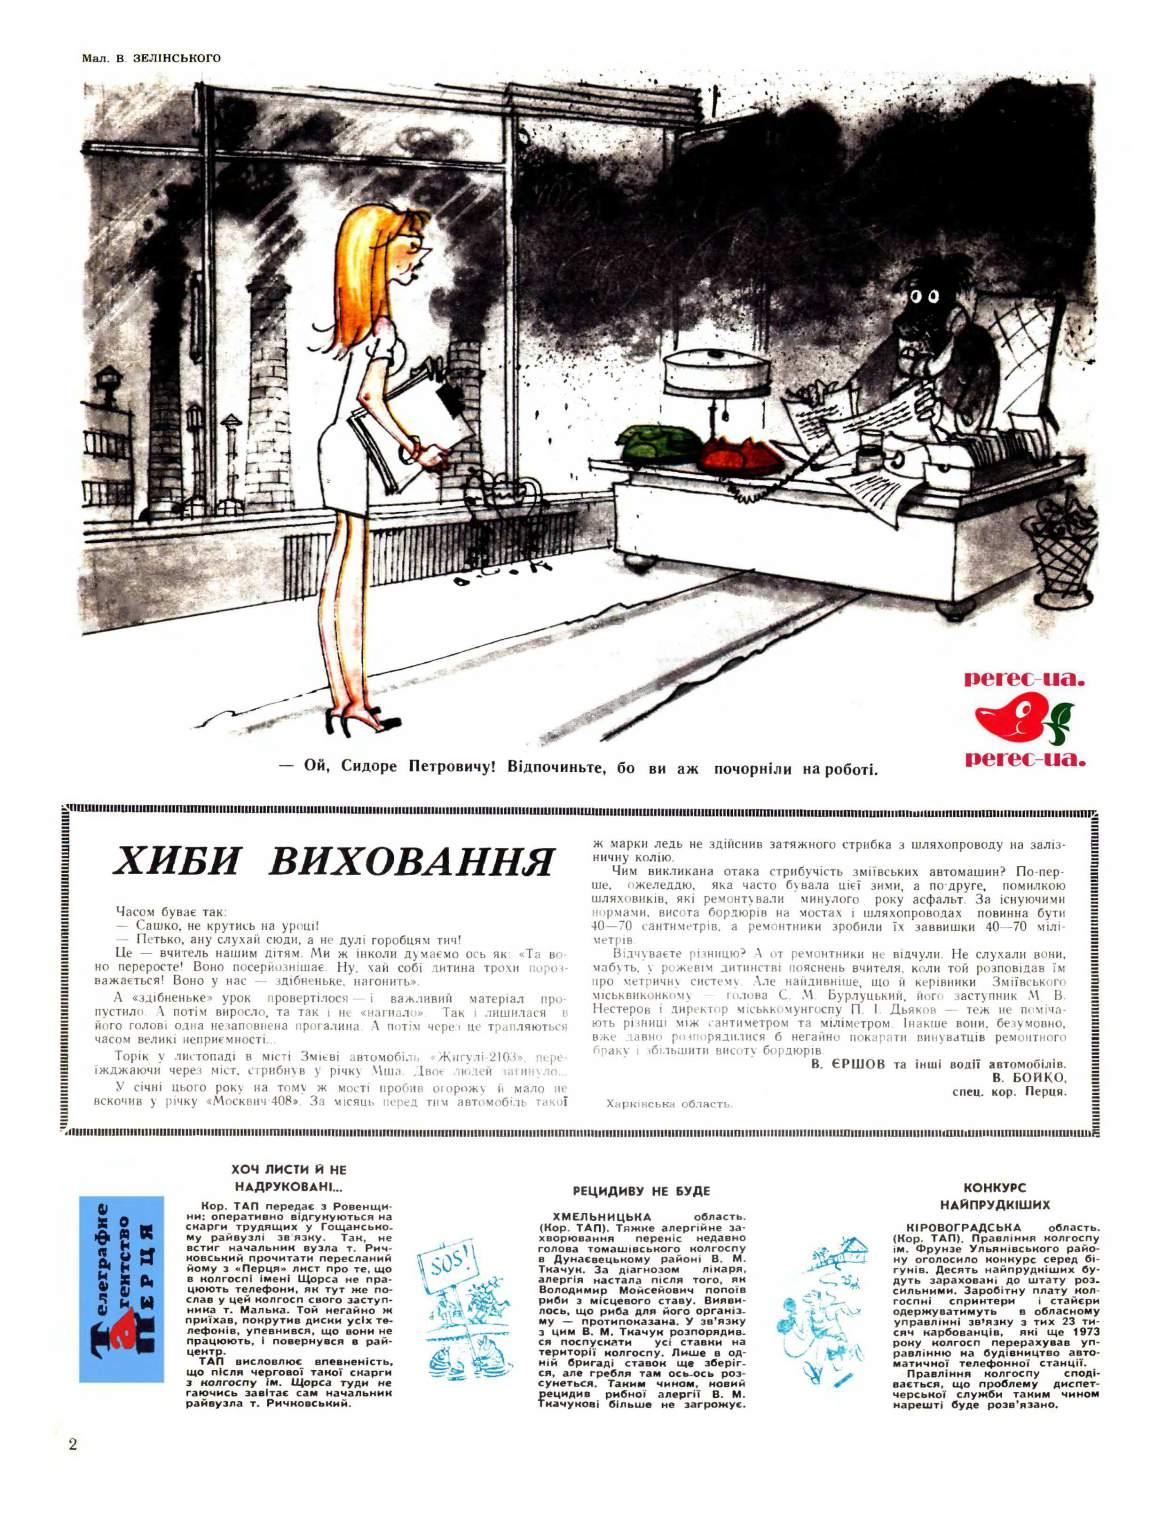 Журнал перець 1975 №13